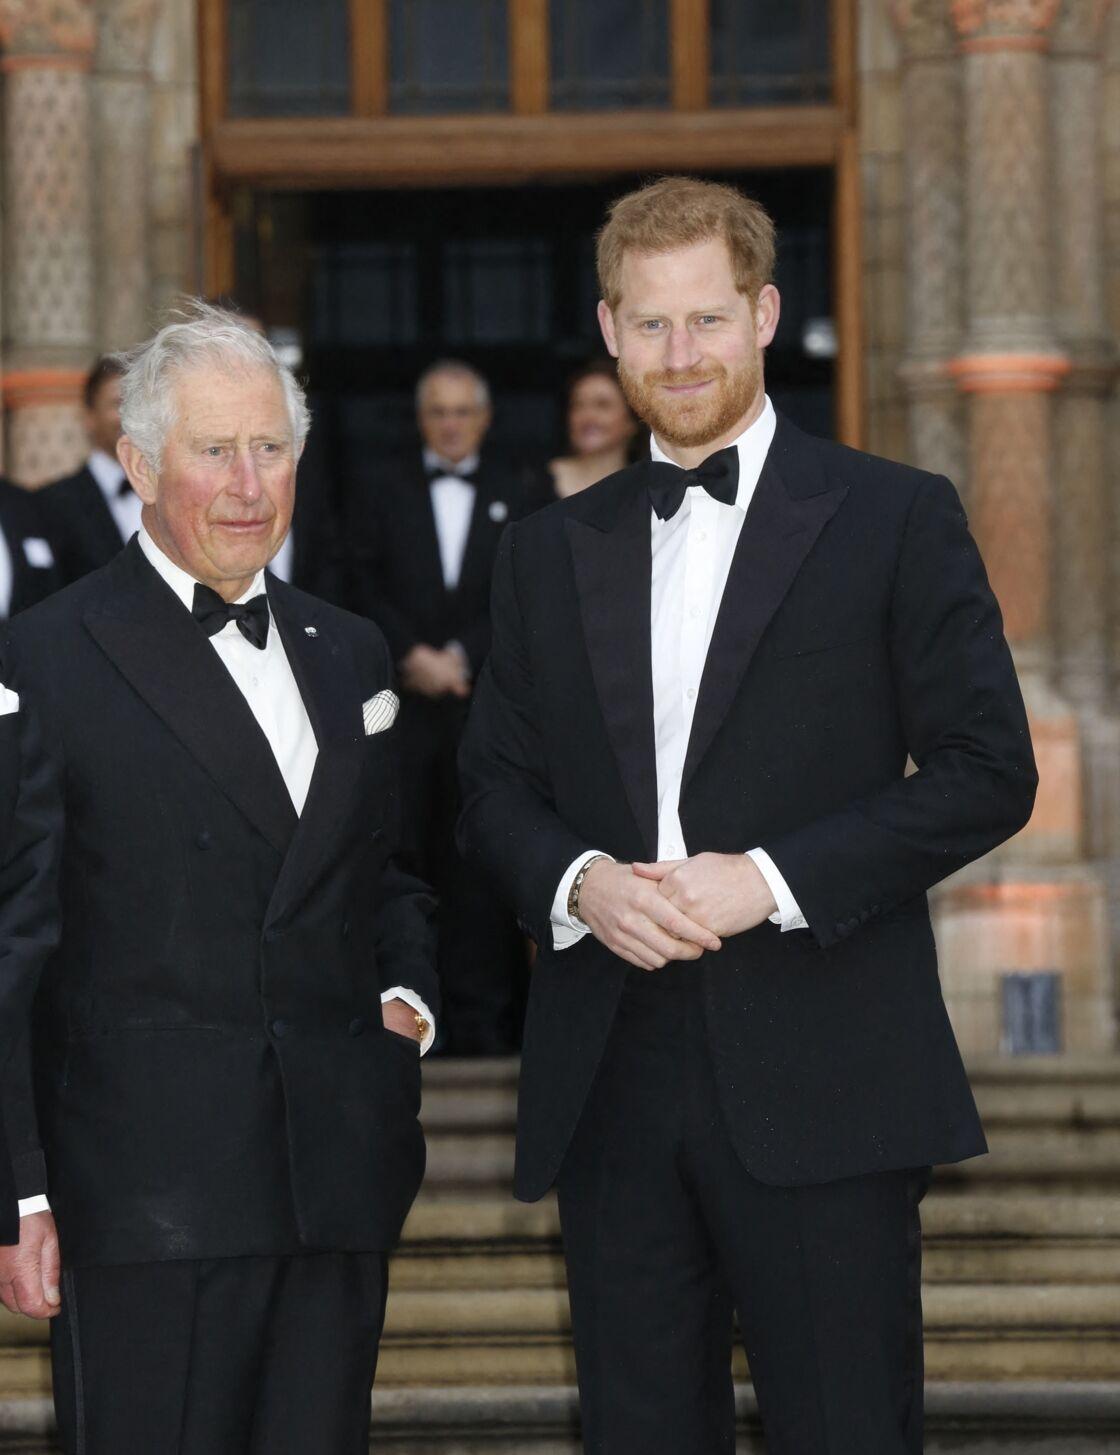 Rien ne va plus entre le prince Harry et son père, le prince Charles